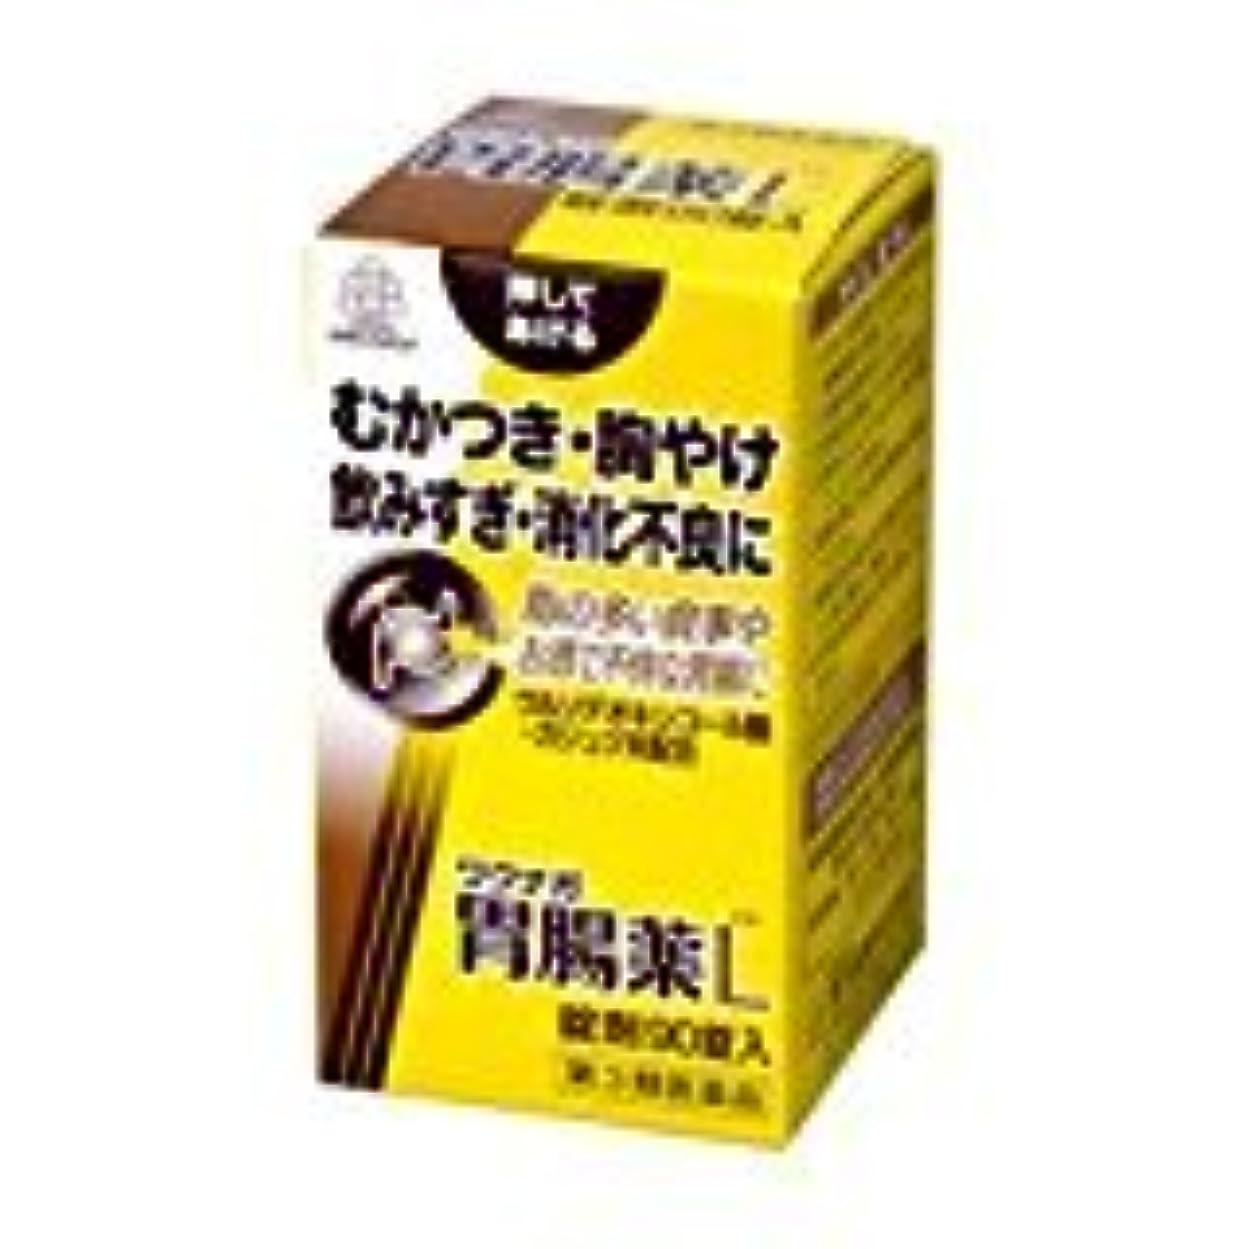 眠っているリビングルーム無条件【第3類医薬品】ワクナガ 胃腸薬L 90錠 ×2